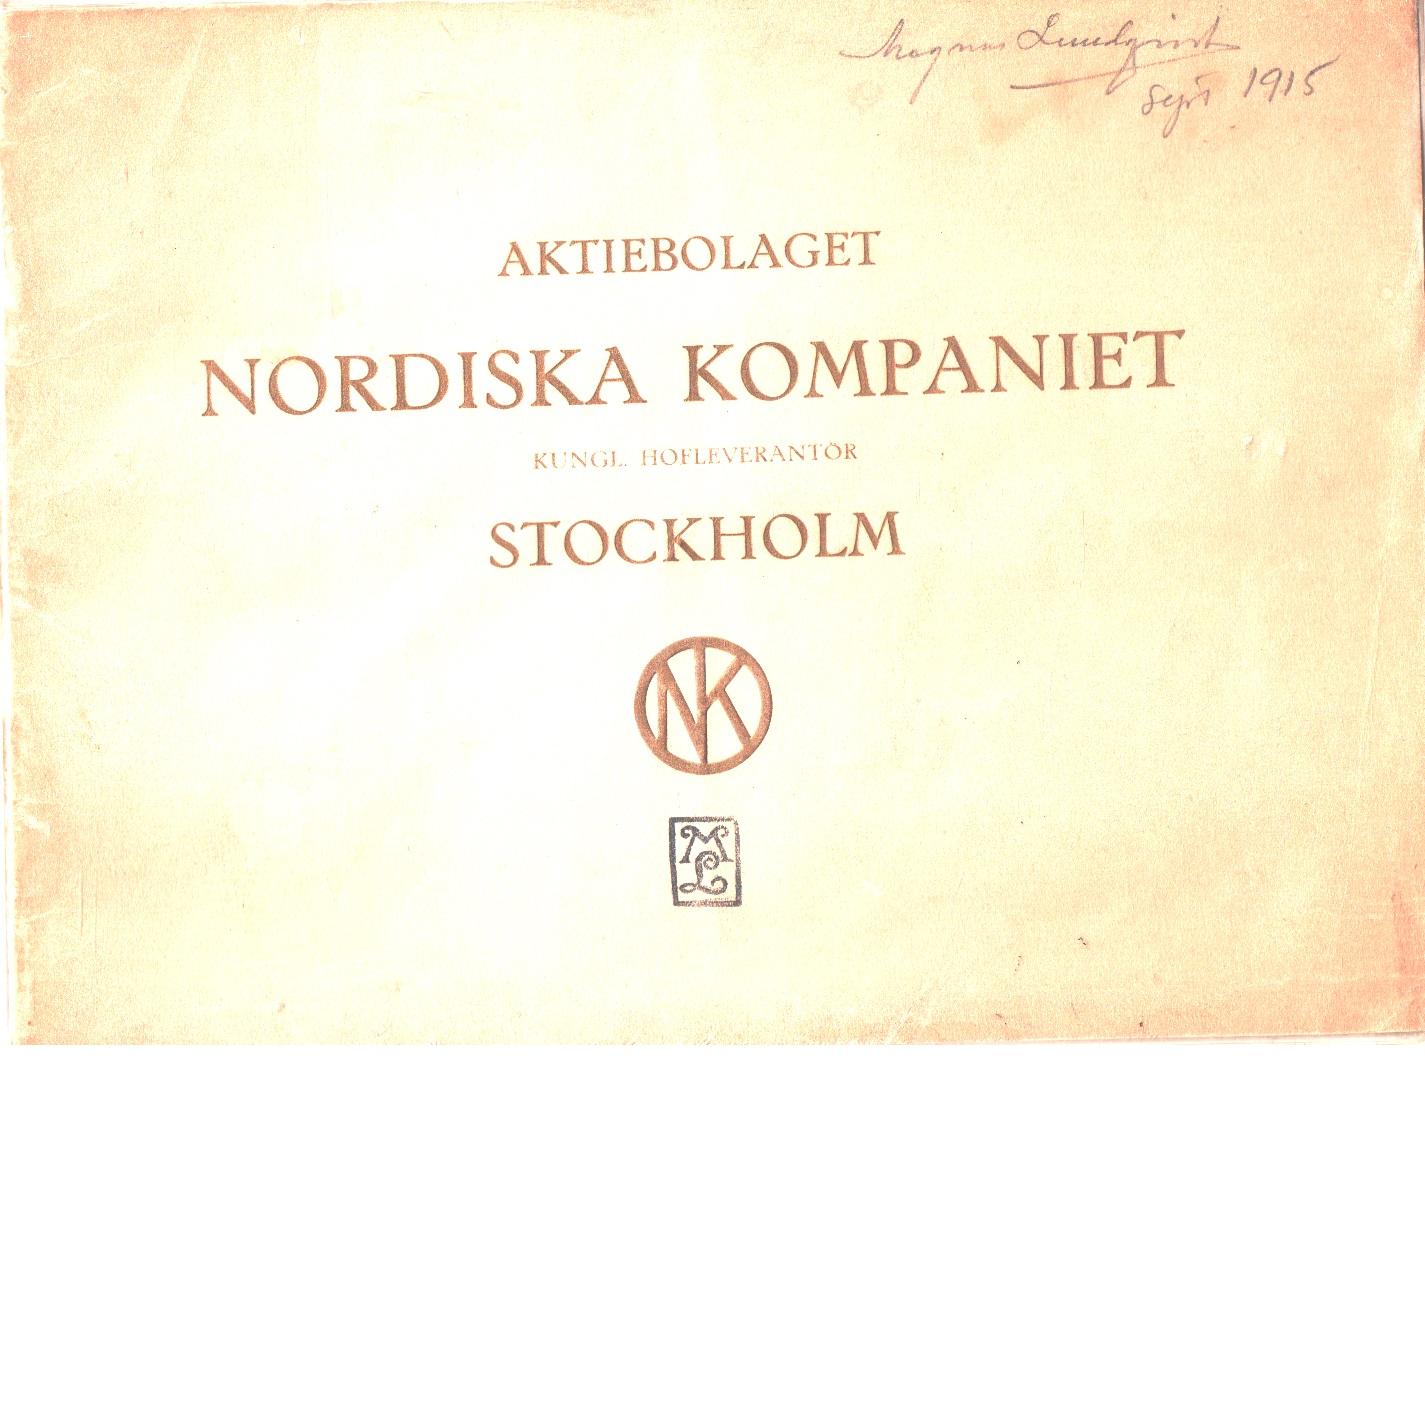 Beskrifning öfver Aktiebolaget Nordiska kompaniets affärshus, Stockholm. - Cassel, Hjalmar